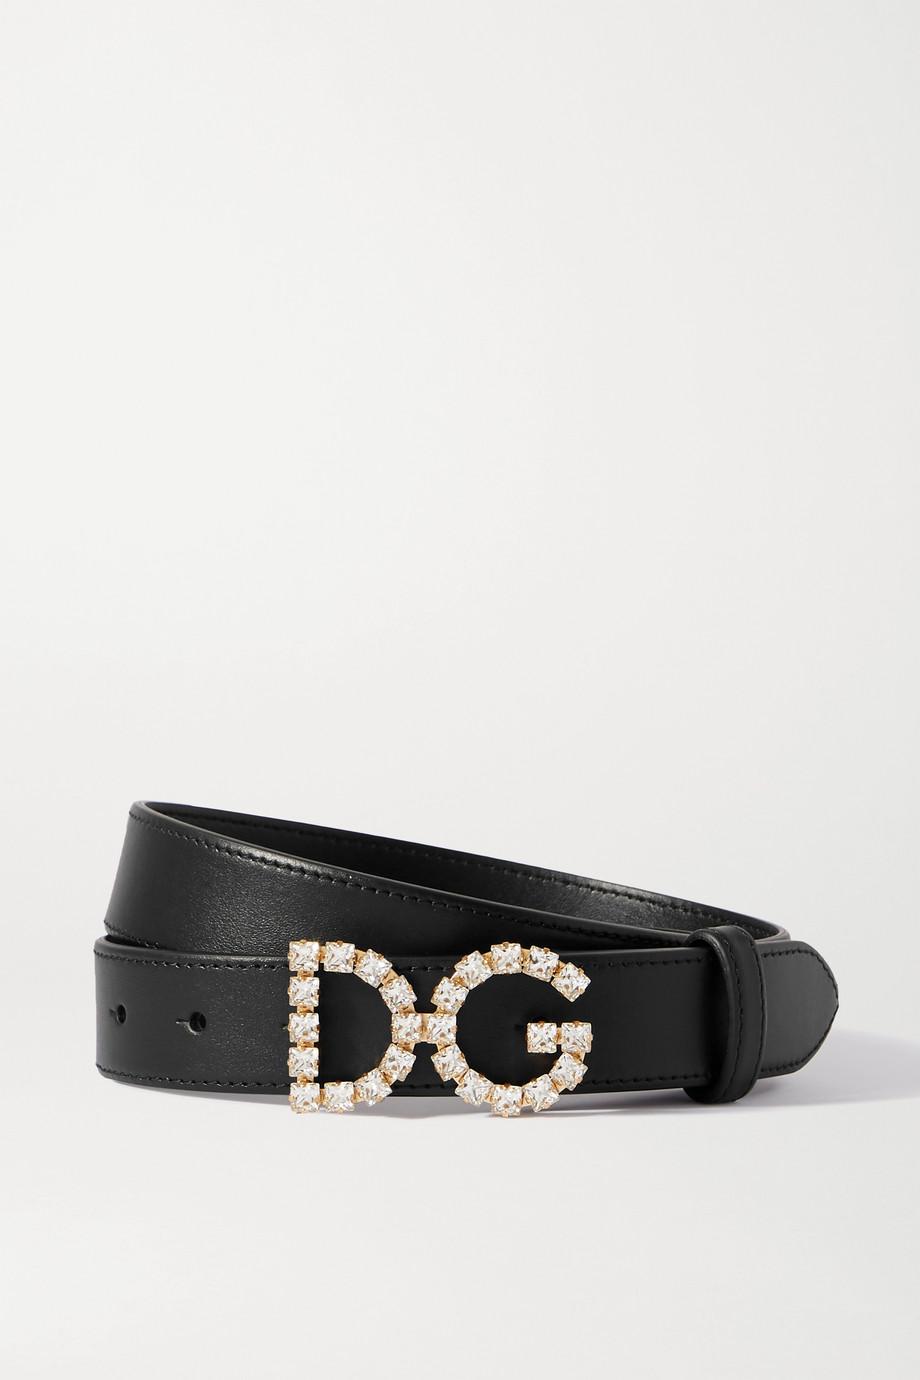 Dolce & Gabbana Taillengürtel aus Leder mit Kristallen